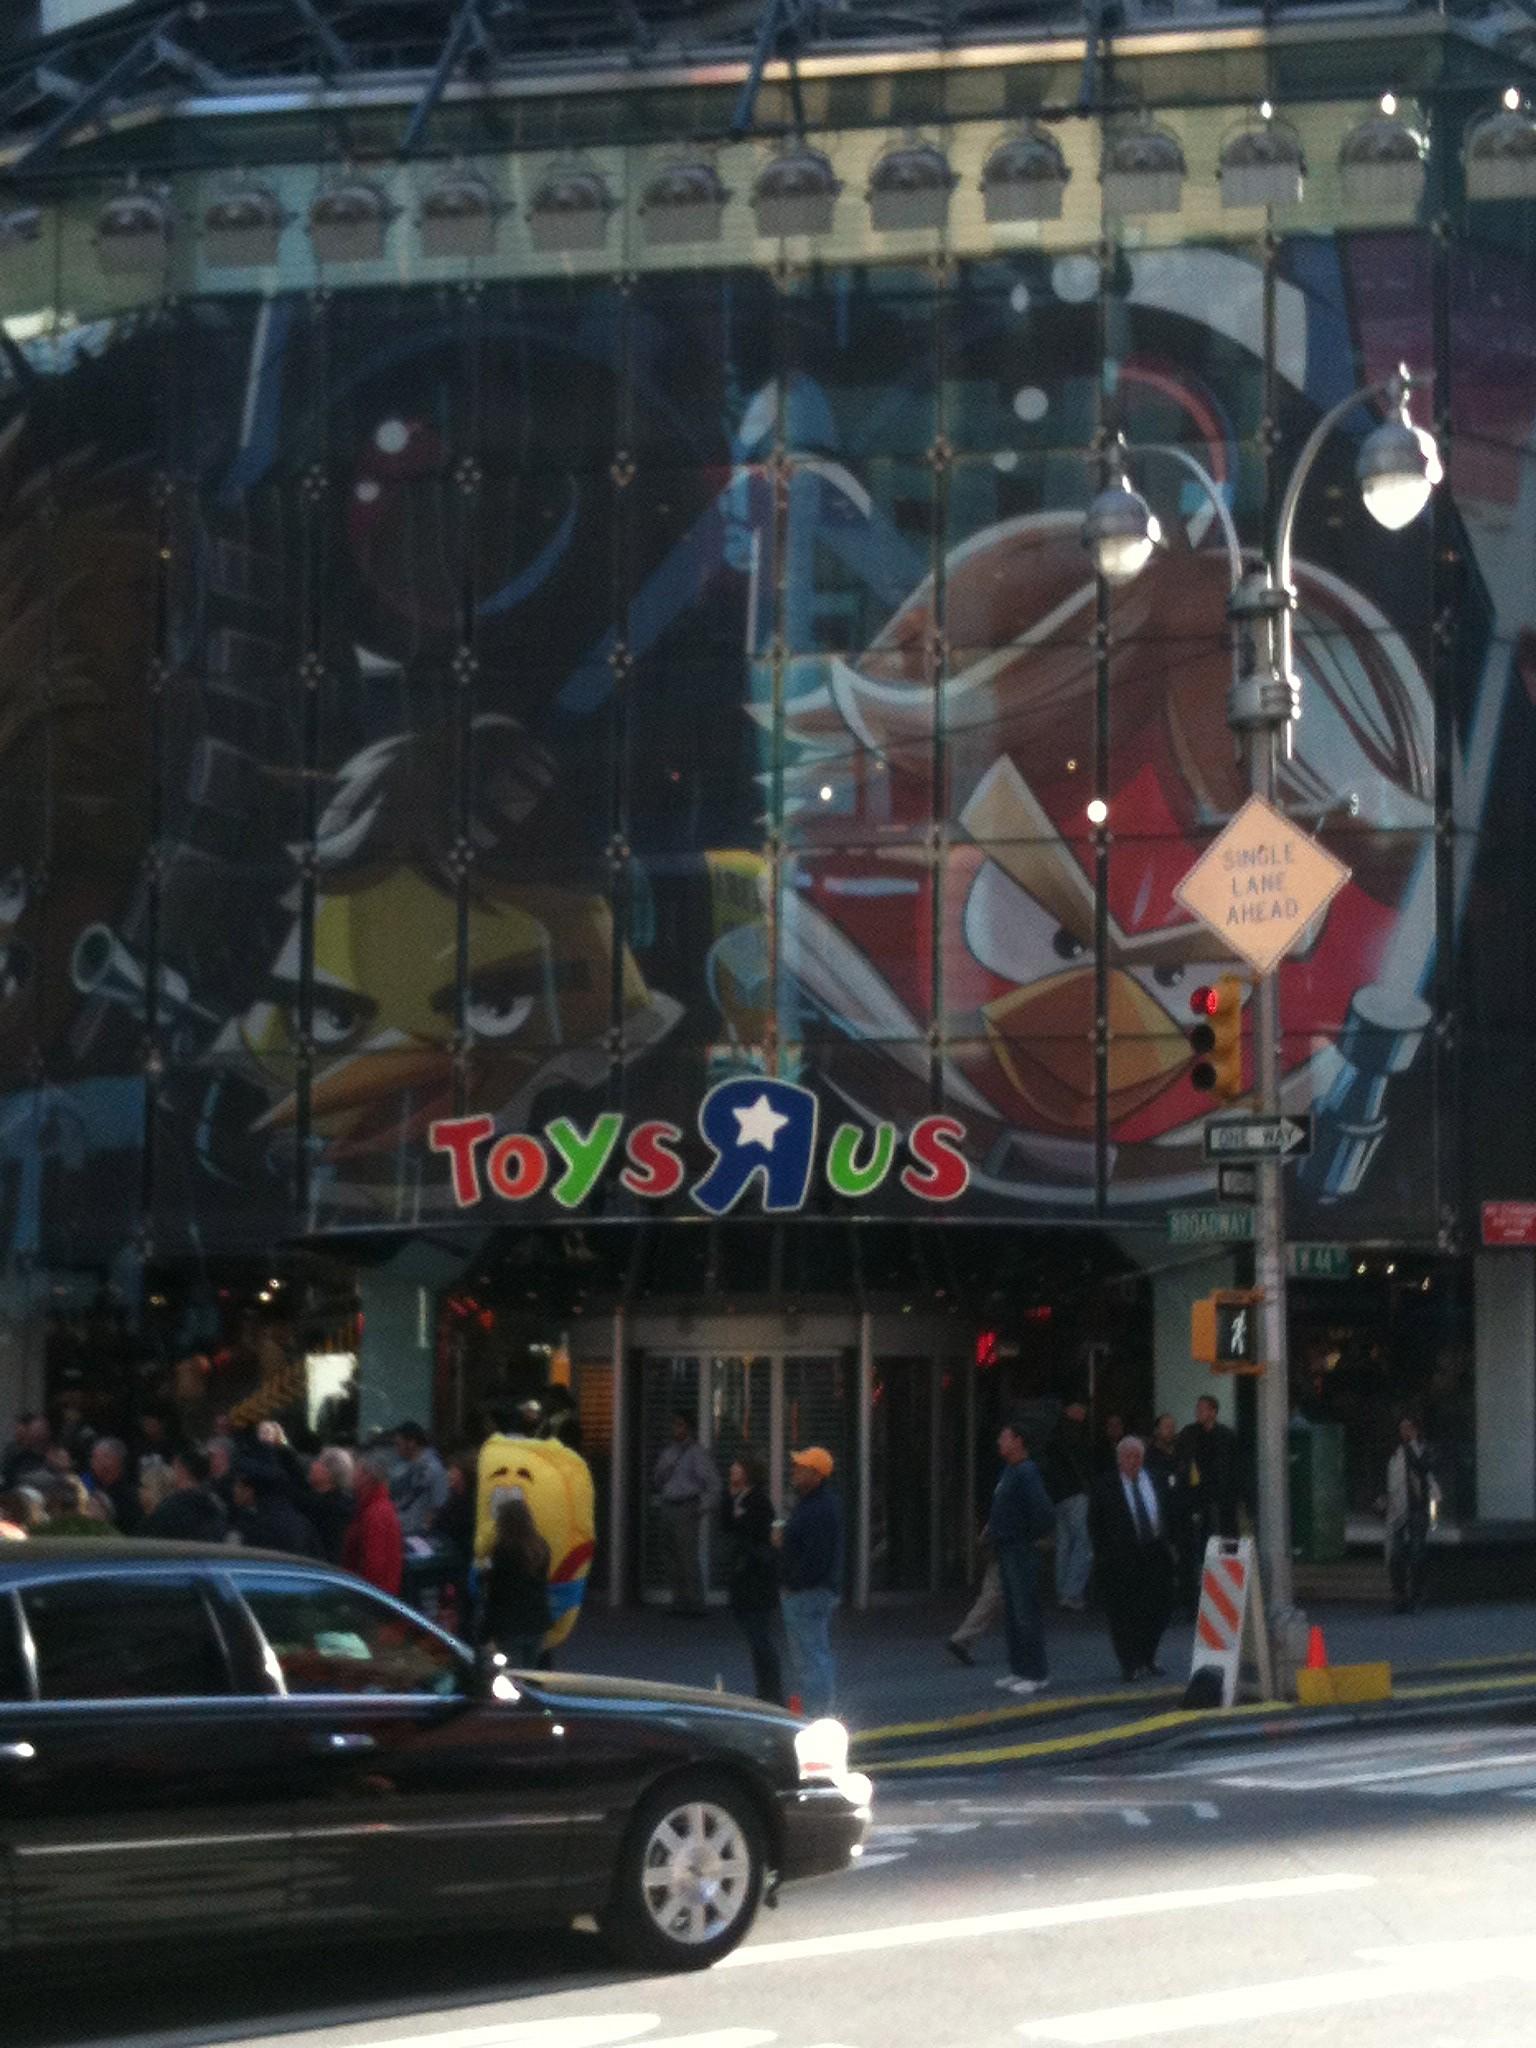 Toyr-r-us-entrance